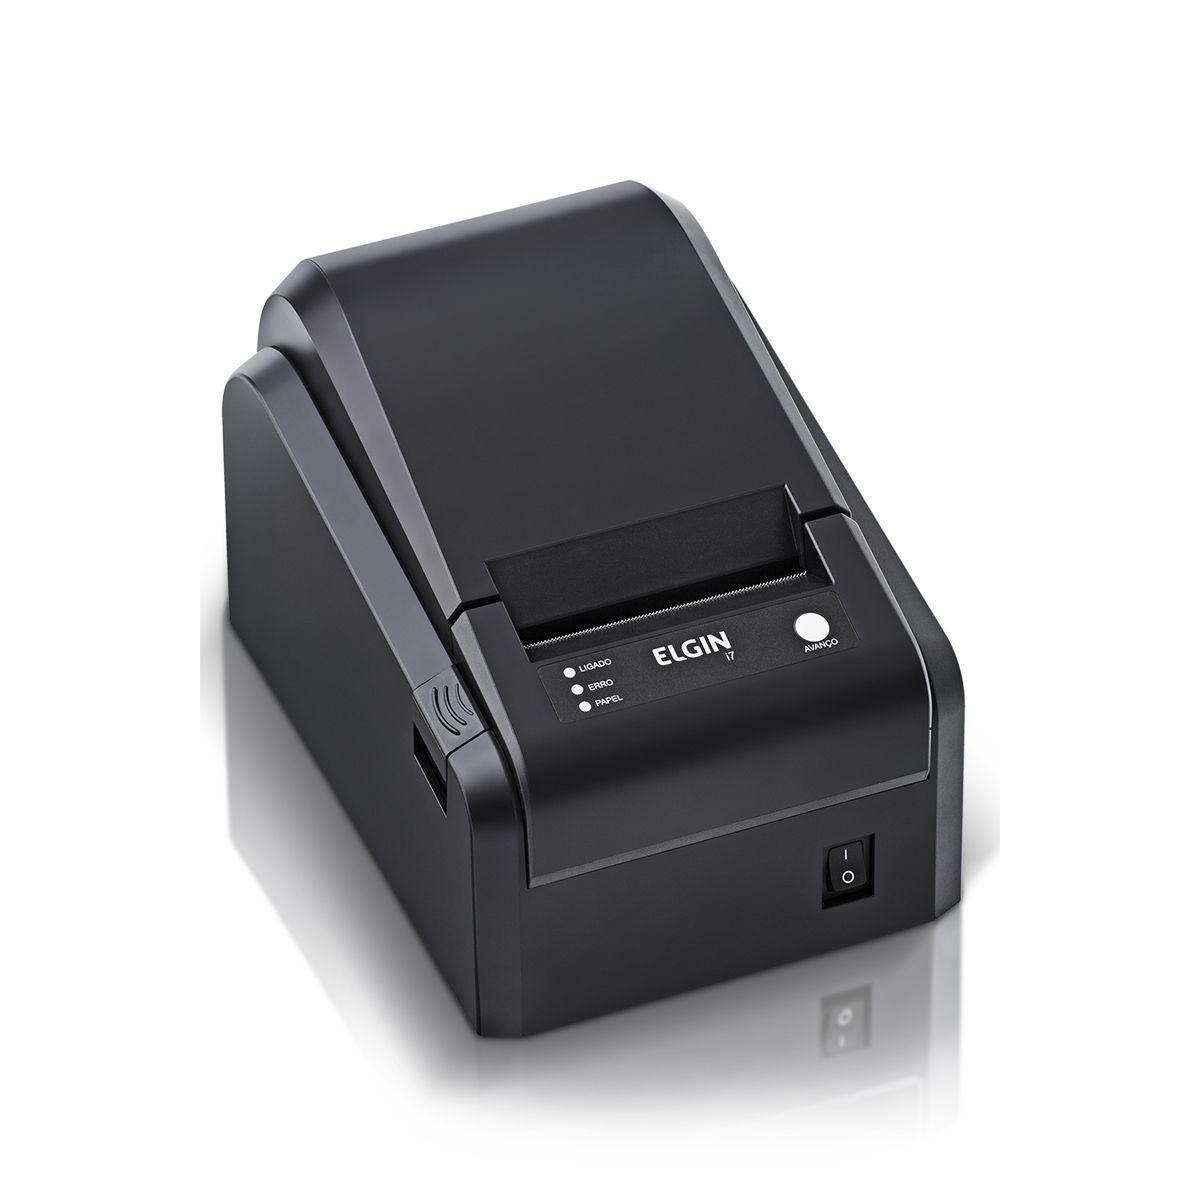 Impressora i7  Ideal para emissão de cupons do SAT / NFC-e, e também outros cupons e recibos não fiscais, a impressora térmica não fiscal i7 é a melhor escolha entre preço e desempenho. Com dimensões